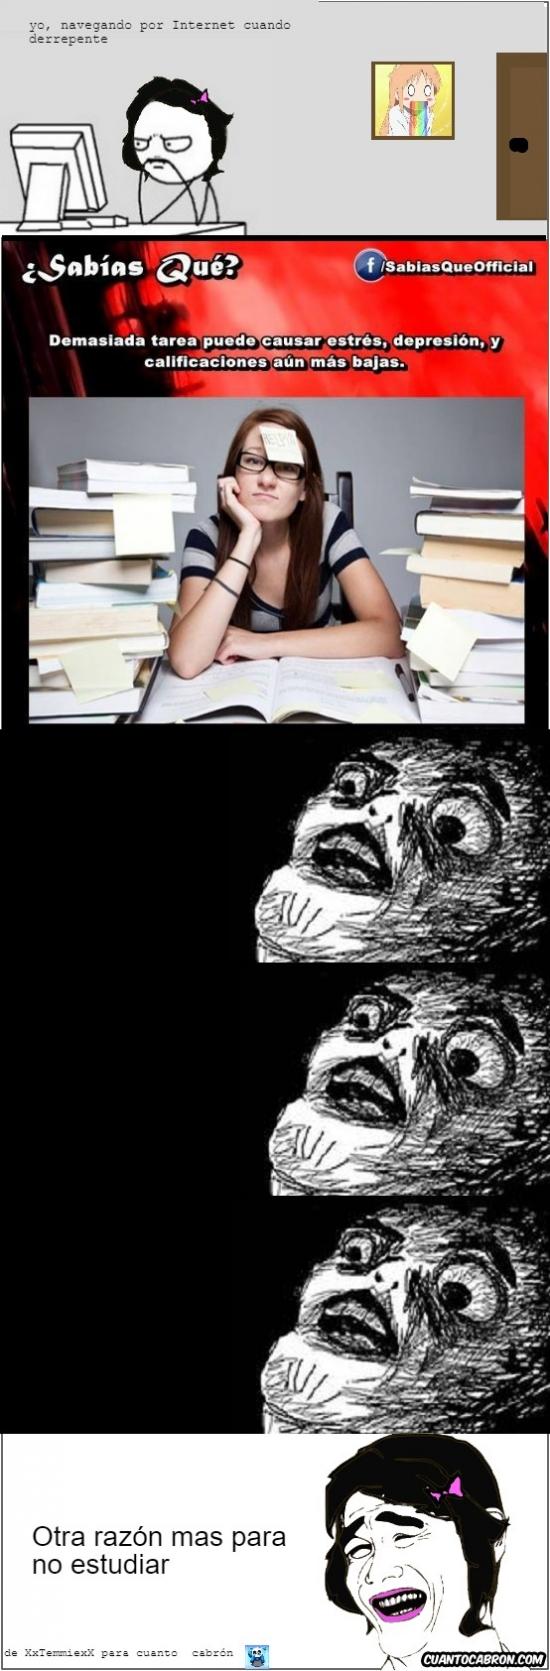 Yao - Y es por eso que no estudio